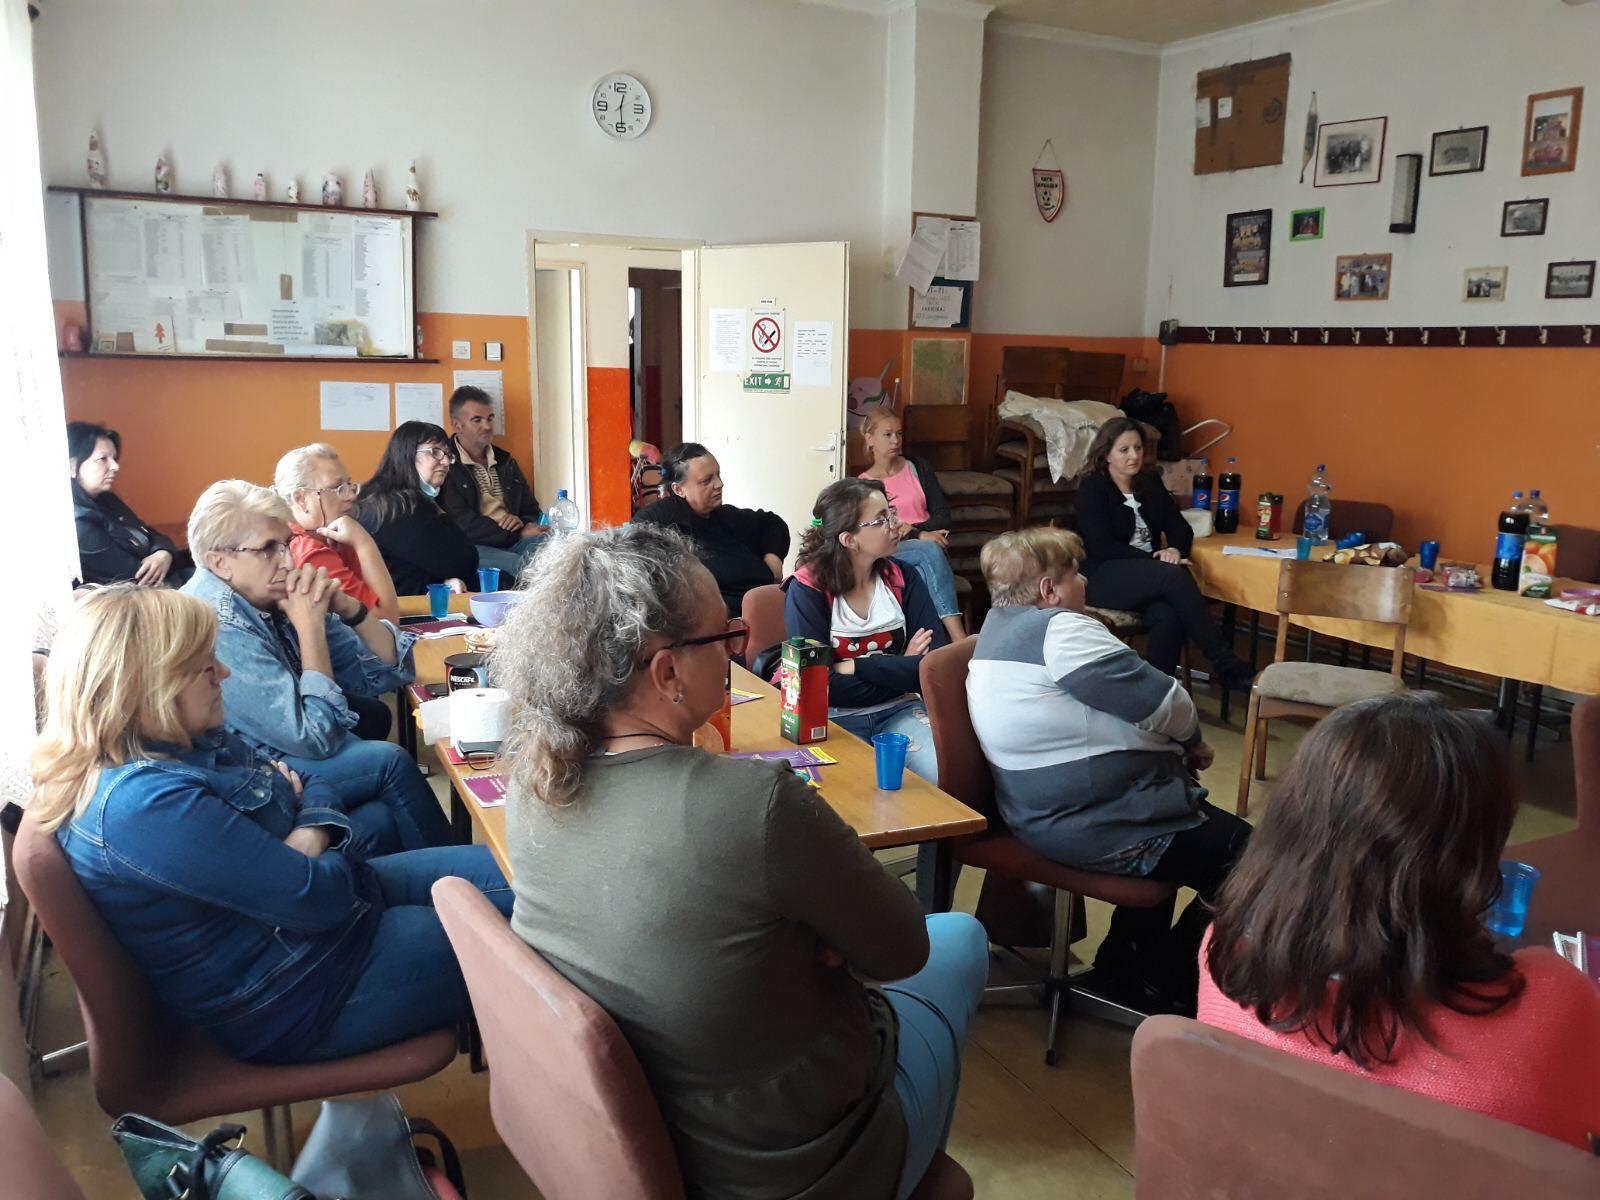 Udruzenje zena Pescanik - Radionica o nasilju u porodici za žene sa invaliditetom